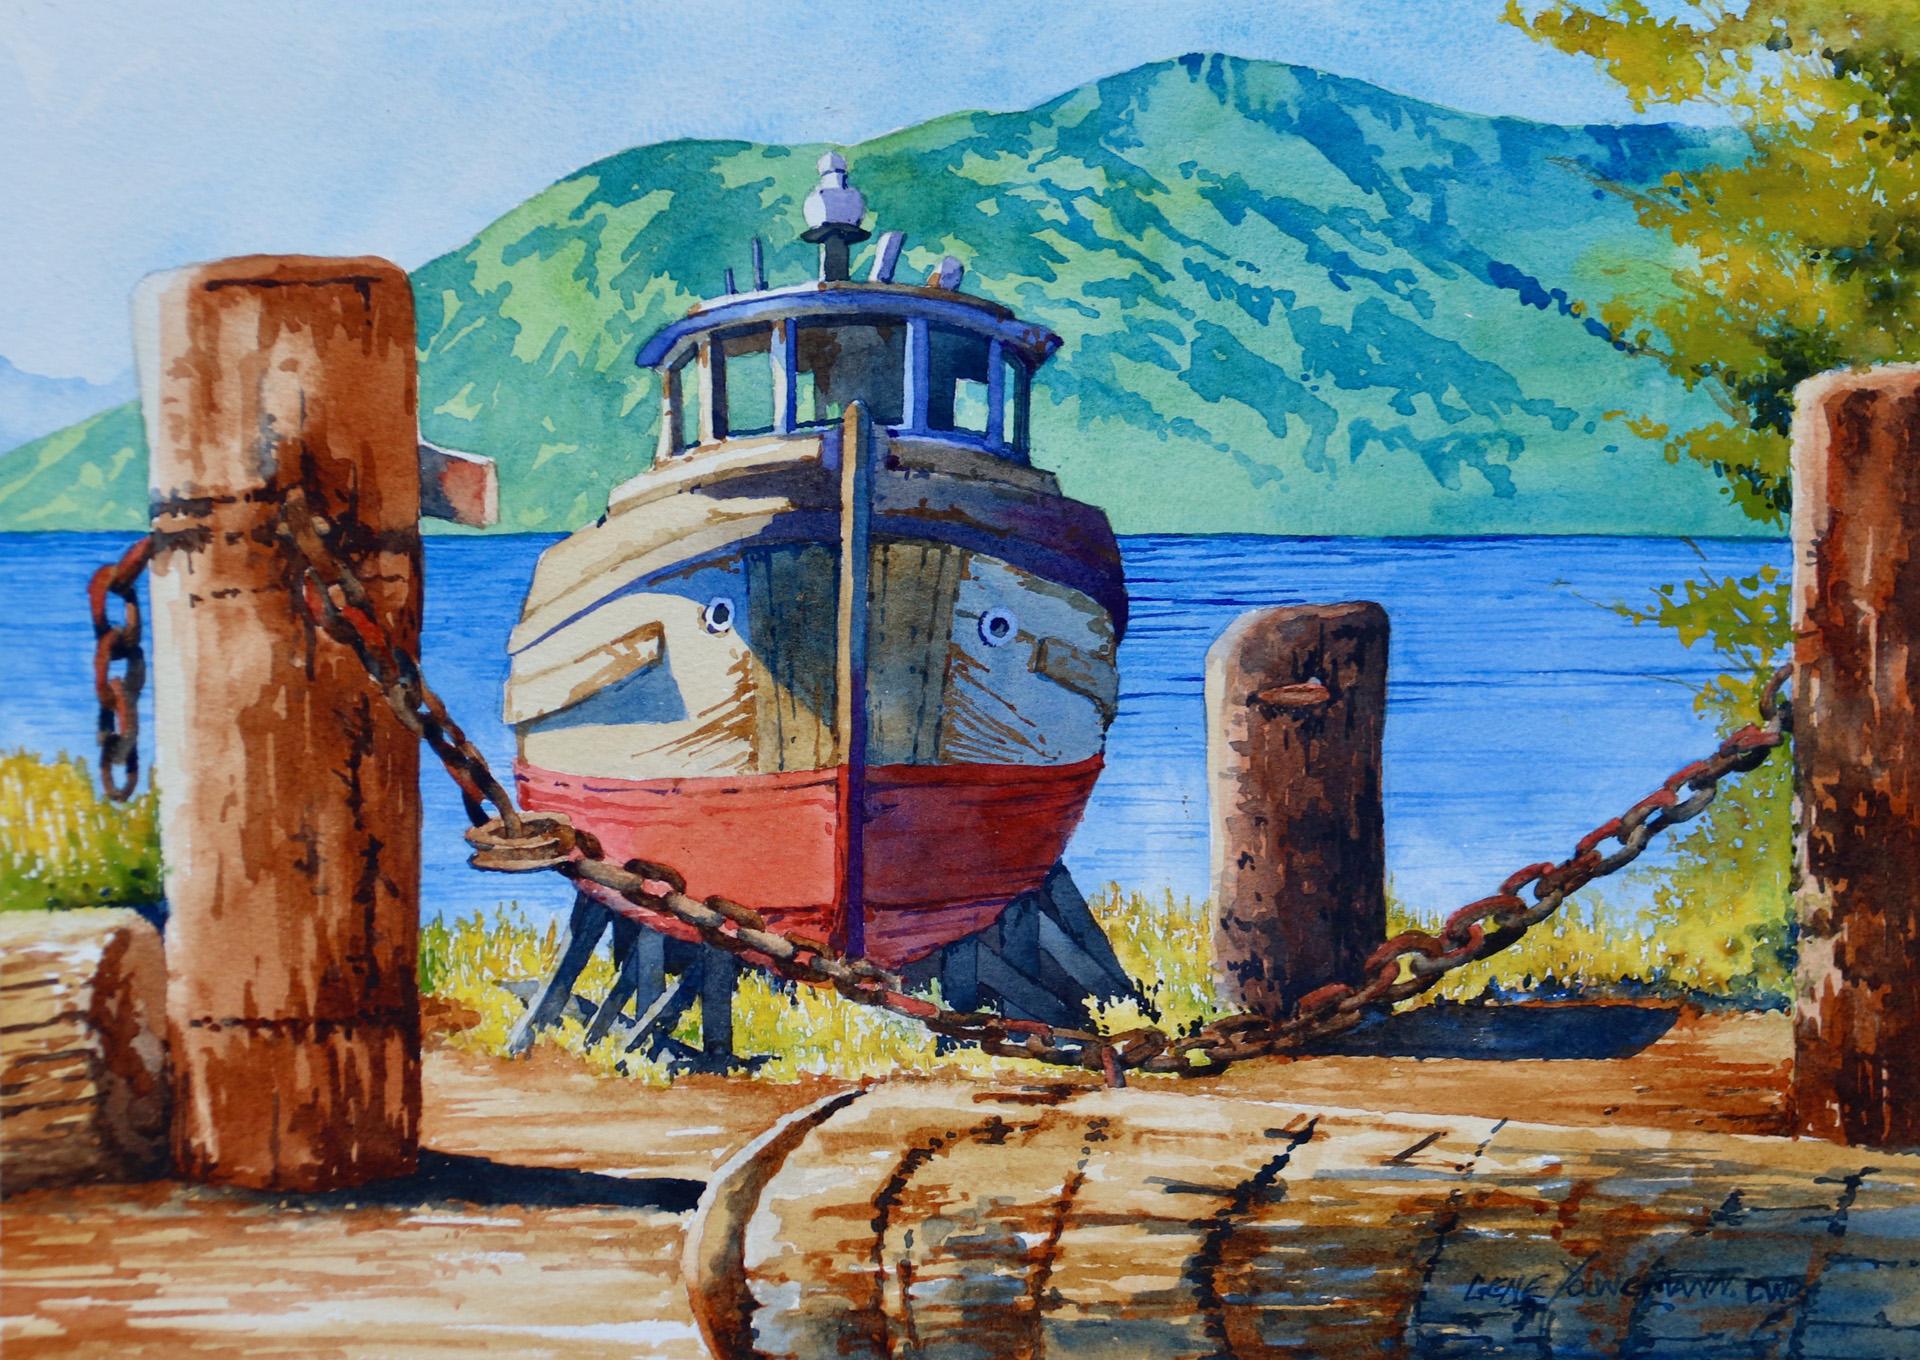 Painting #76 Derelict